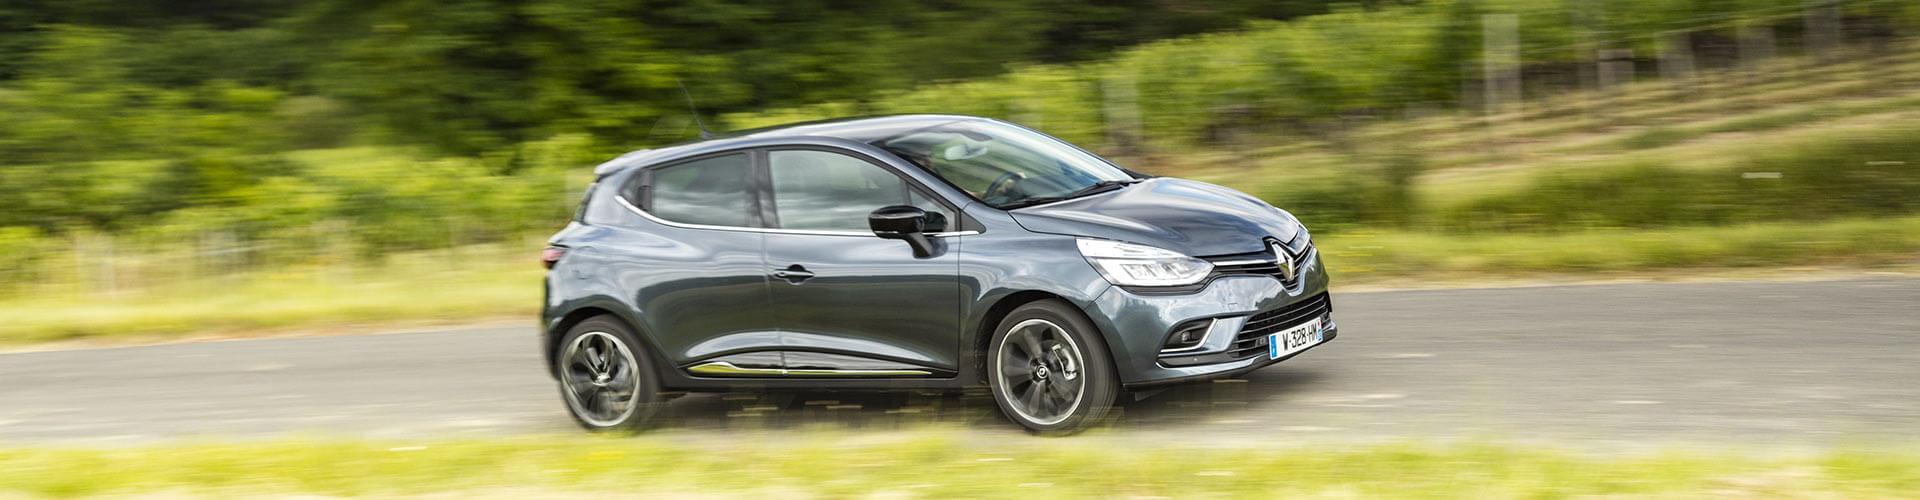 Renault Clio Fahraufnahmen